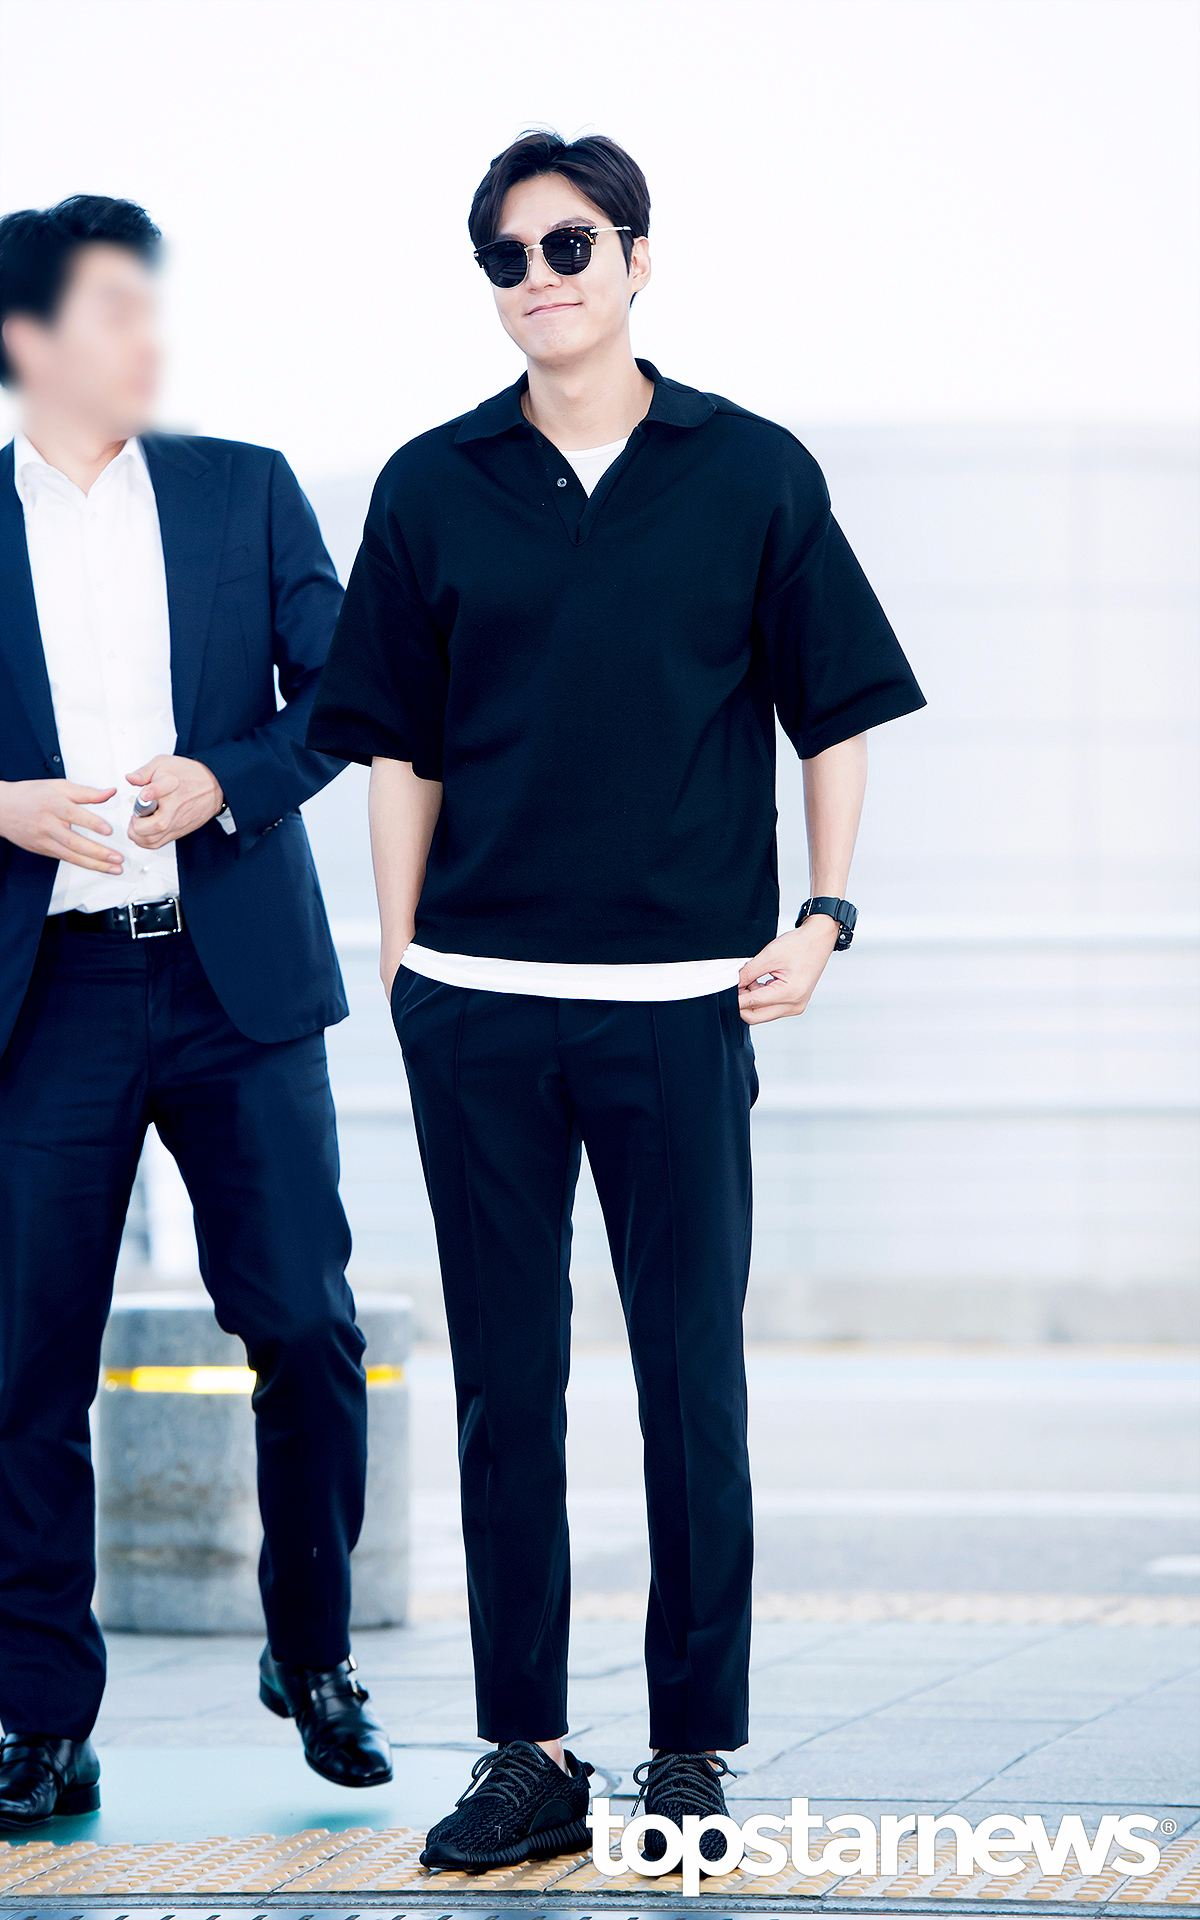 李敏鎬也是黑不拉基~但是裡面搭配的白T恤看起來很畫龍點睛欸~